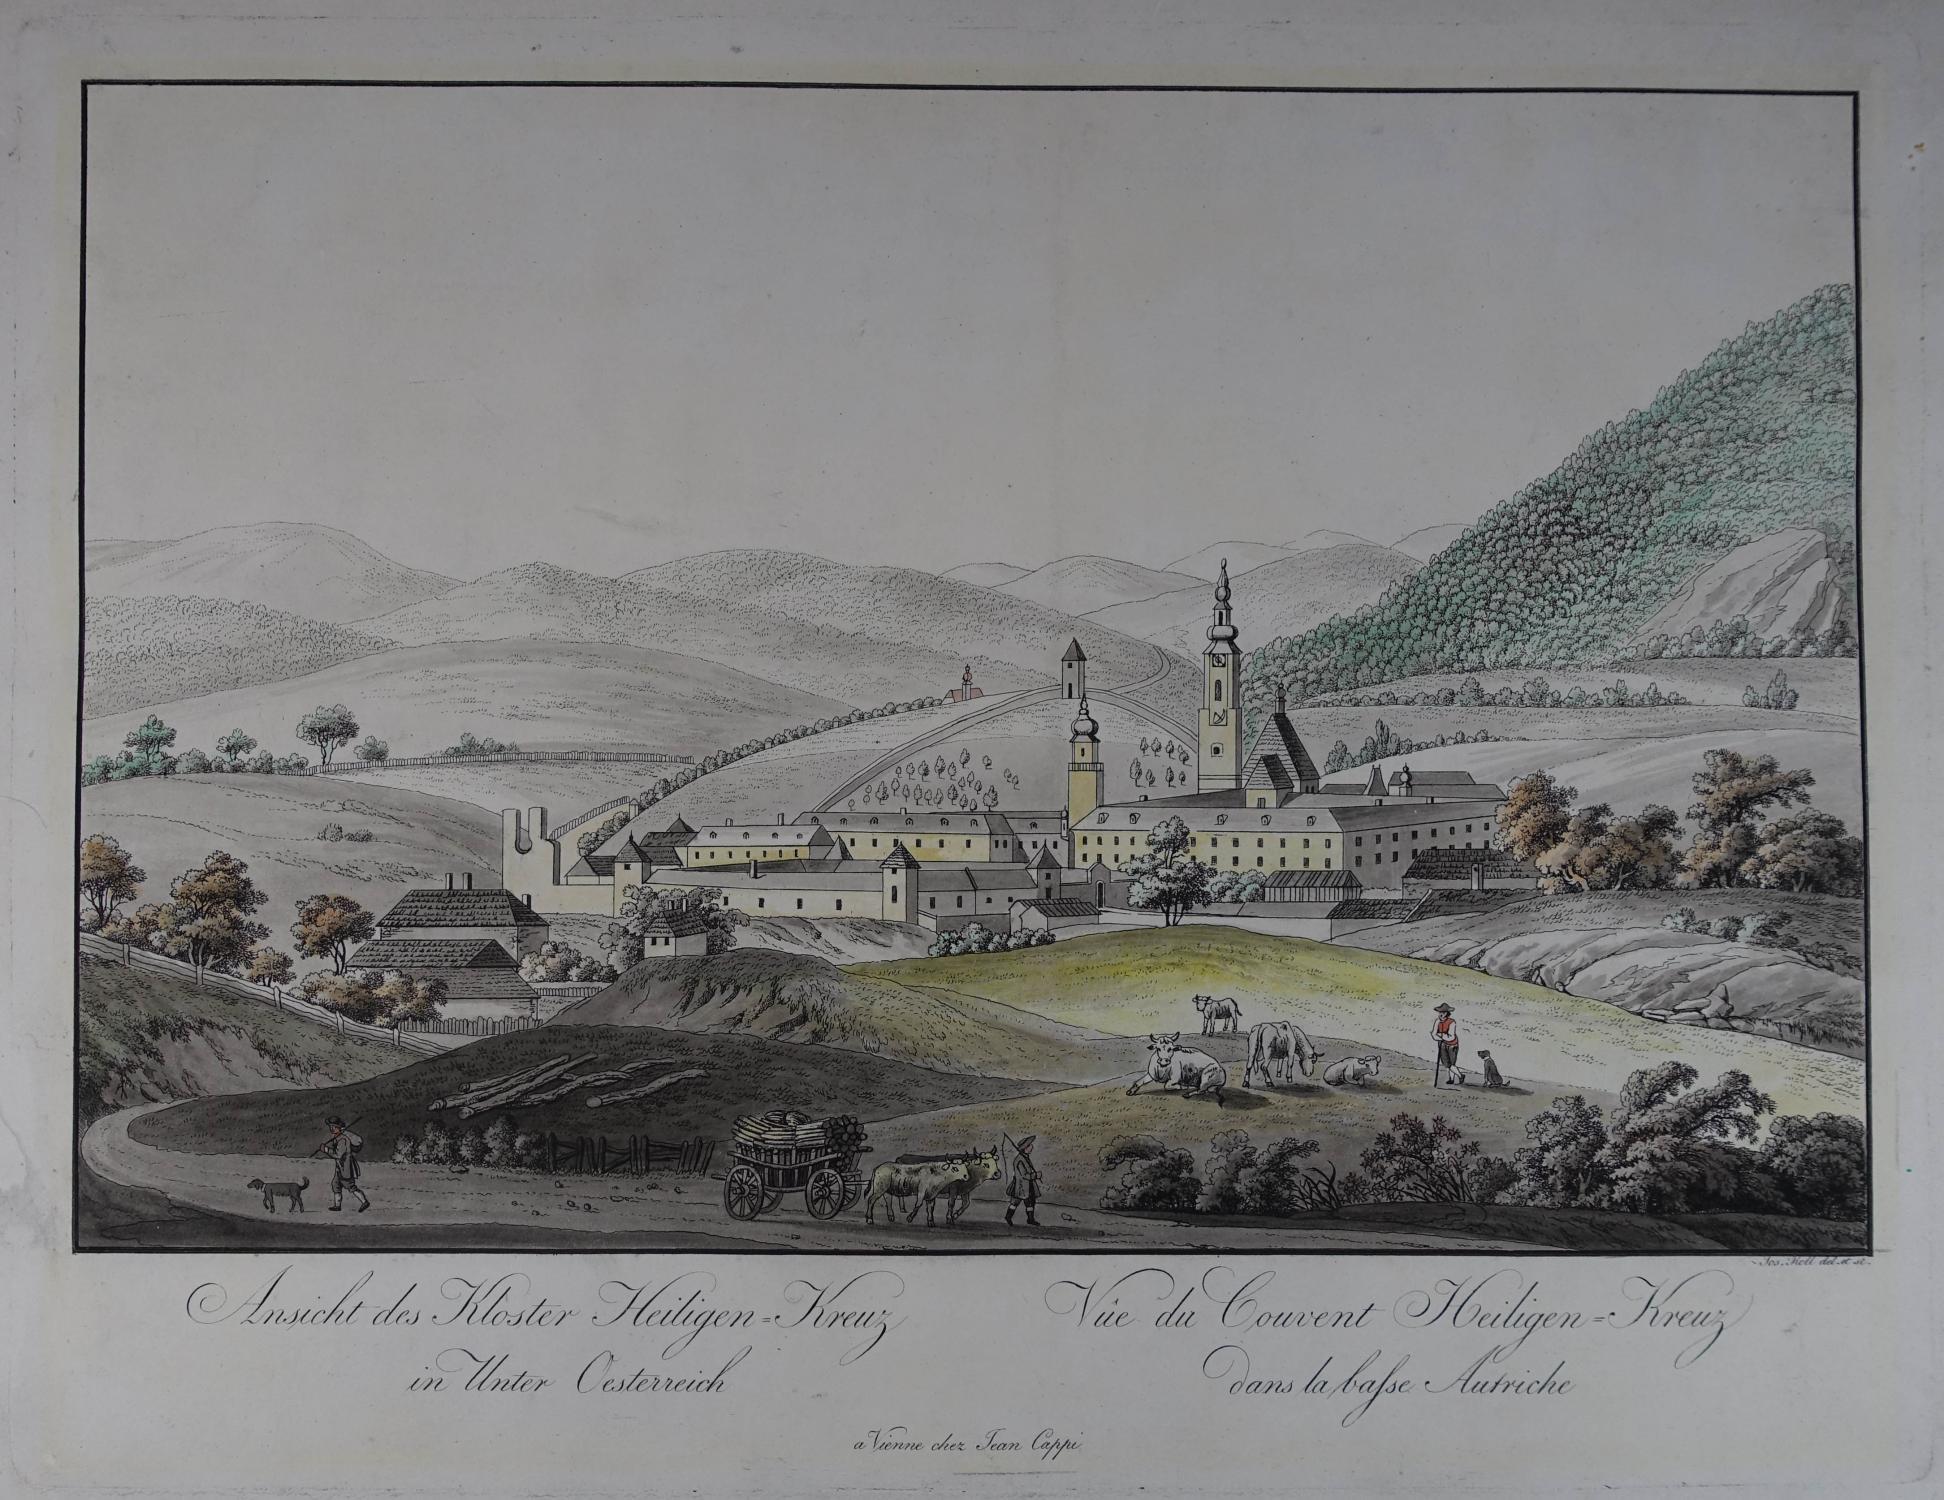 Ansicht des Kloster Heiligen-Kreuz in Unter Oesterreich: Heiligenkreuz